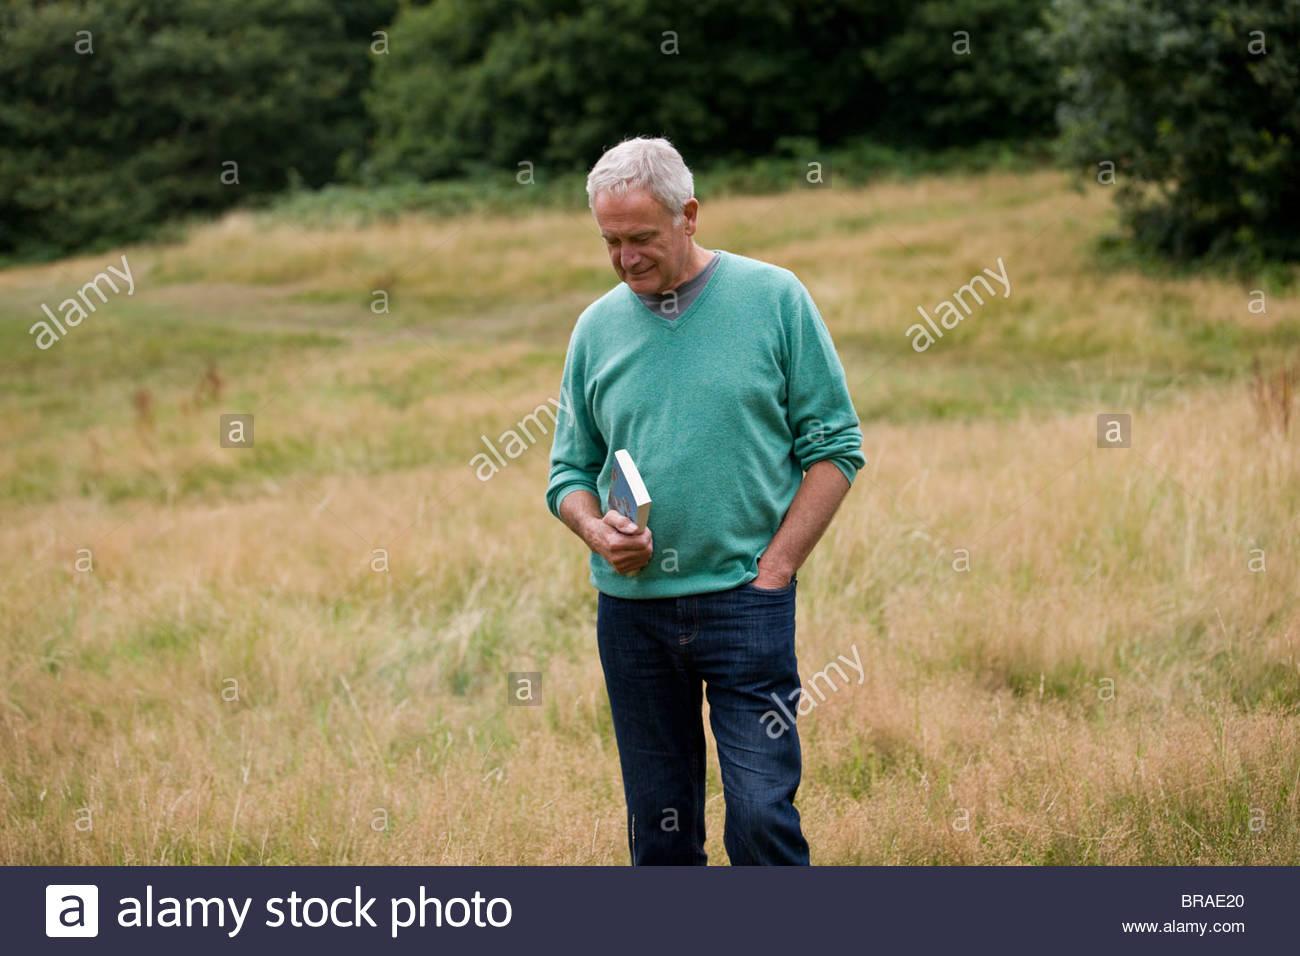 Un homme debout dans un champ, tenant un livre Photo Stock